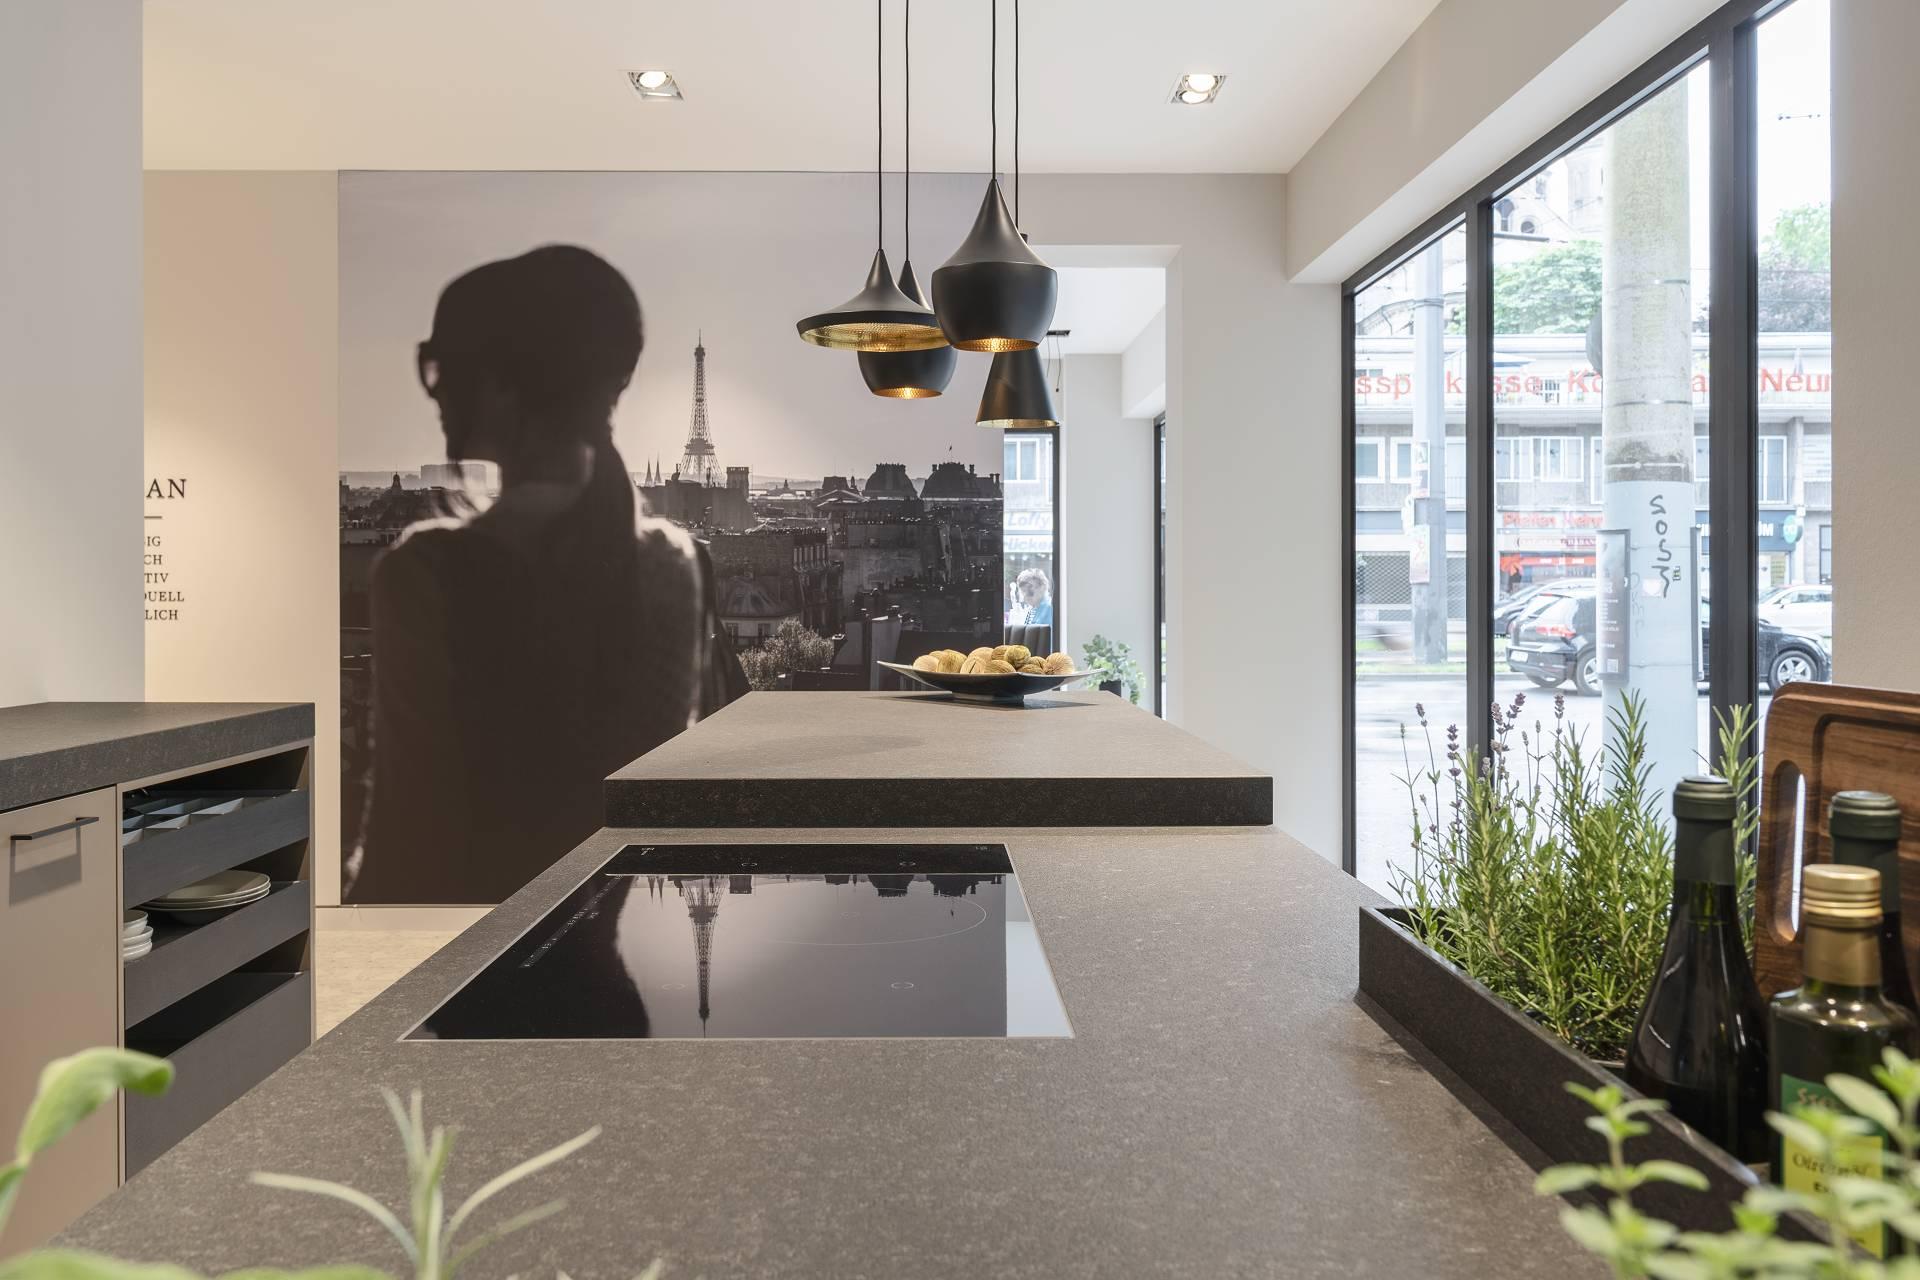 Full Size of Kchenstudio Am Neumarkt Siematic Kchen In Kln Küche Erweitern Gebrauchte Einbauküche Breaking Bad Kaufen Fliesenspiegel Ohne Kühlschrank Teppich Für Dusche Küche Küche Auf Raten